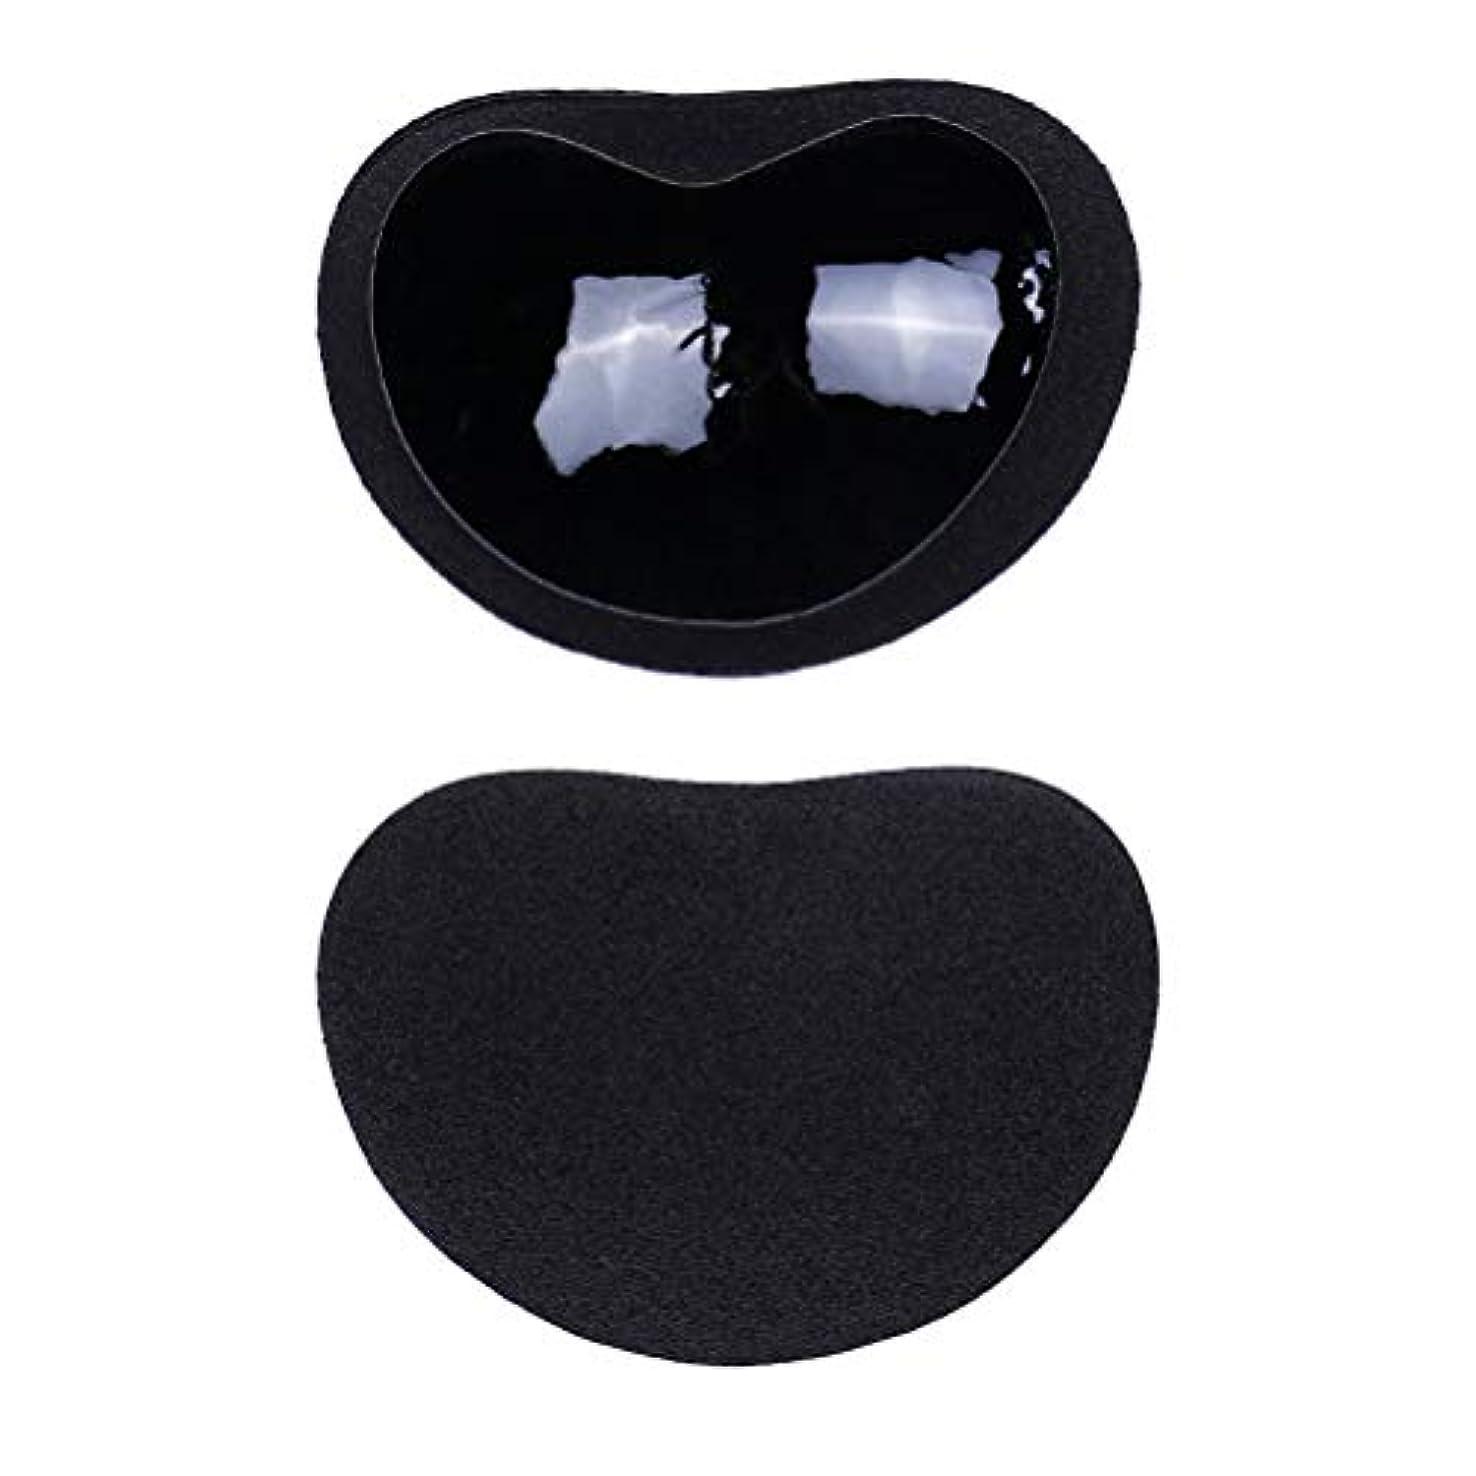 会う摩擦座るHealifty ニップルカバー1ペアストラップレス粘着性のある粘着性のあるブラのシリコーンのニップルは見えないブラニップルのコンシーラーのパティをカバーします(黒)